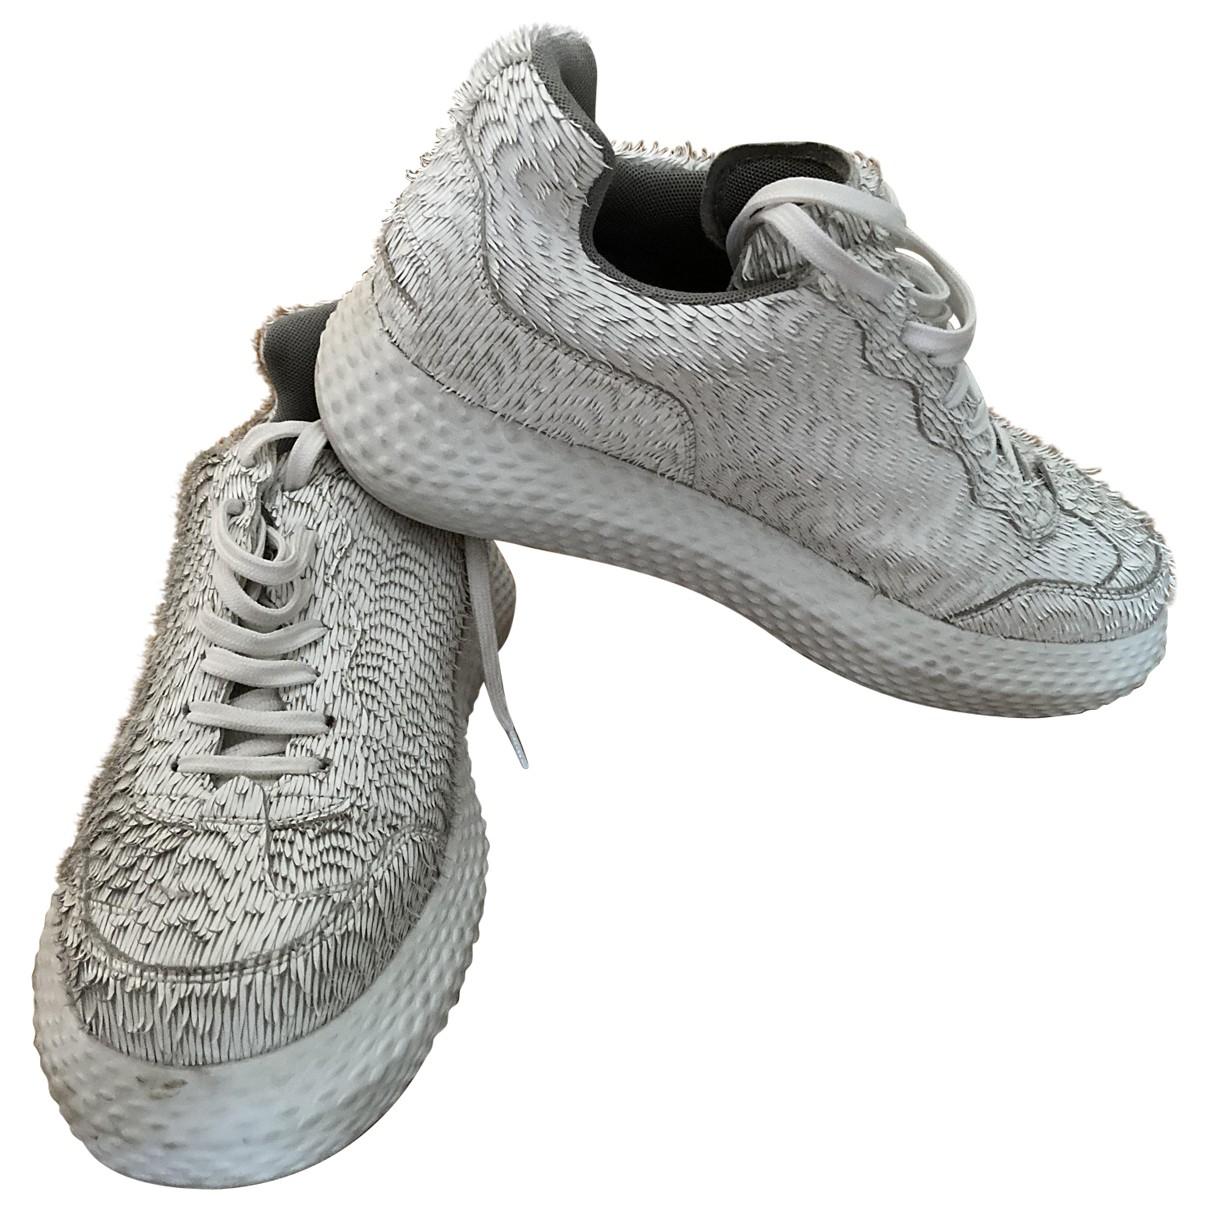 Emporio Armani - Baskets   pour homme en cuir - blanc